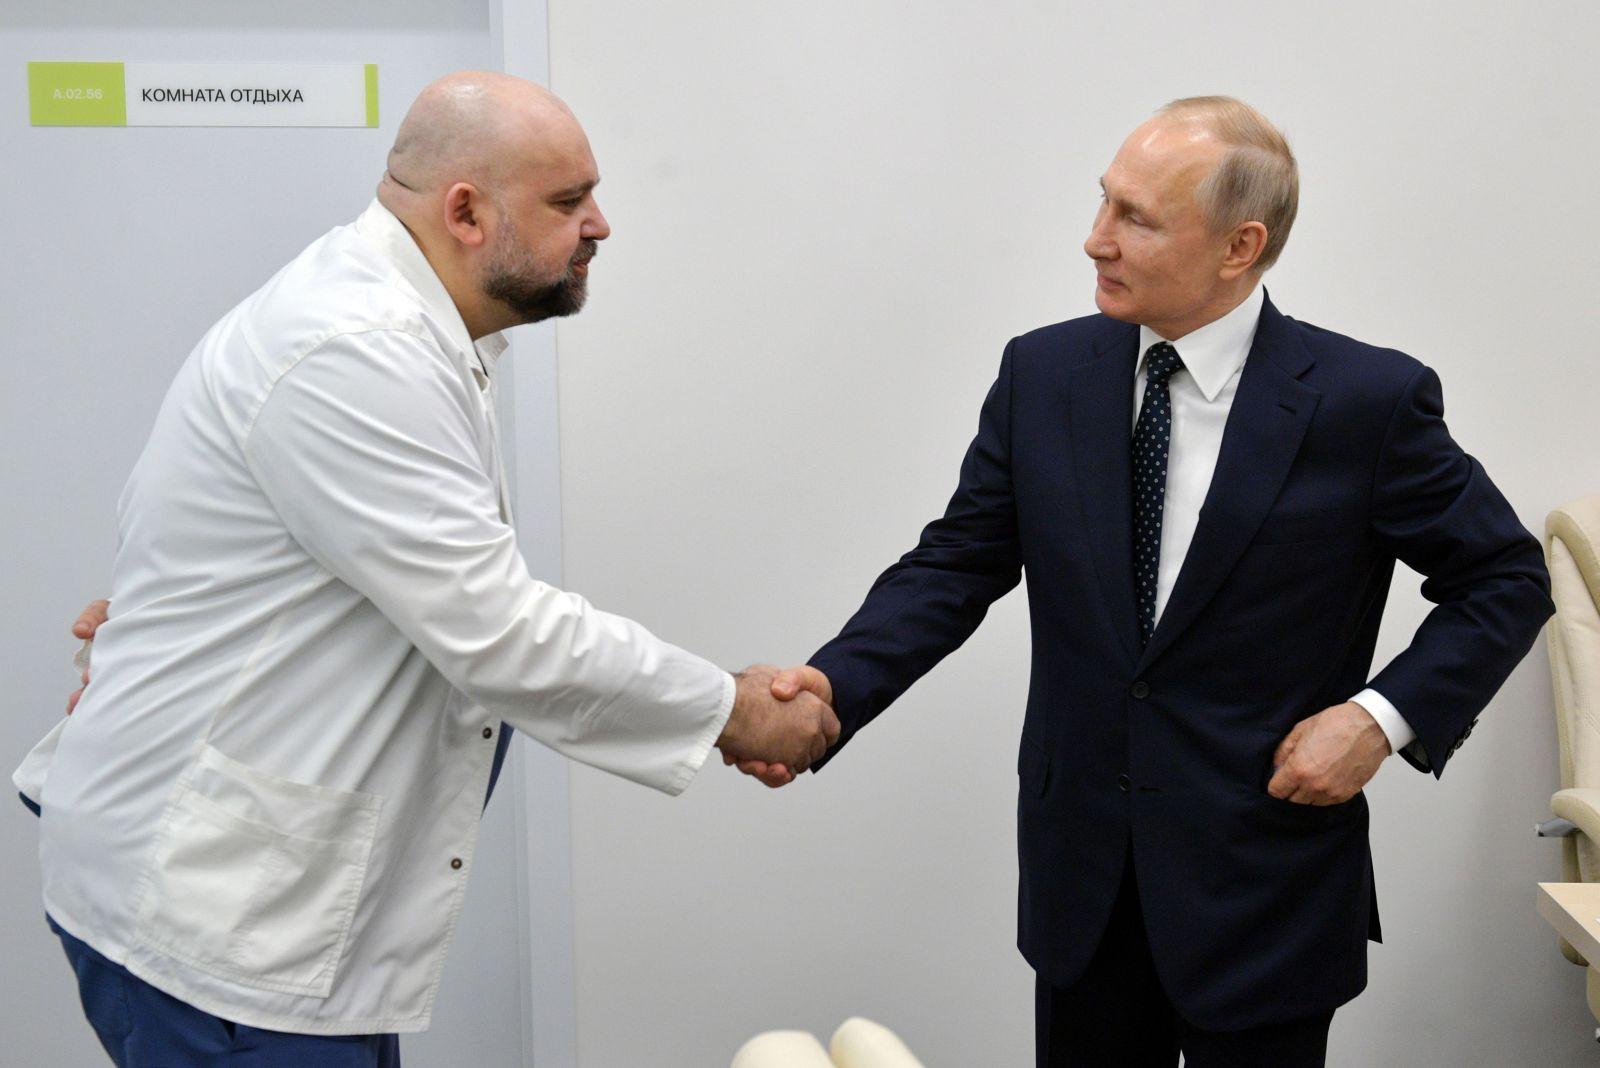 Putin si podával ruku s lekárom, ktorý má koronavírus. Zatiaľ pracuje z domu, neustále ho však testujú